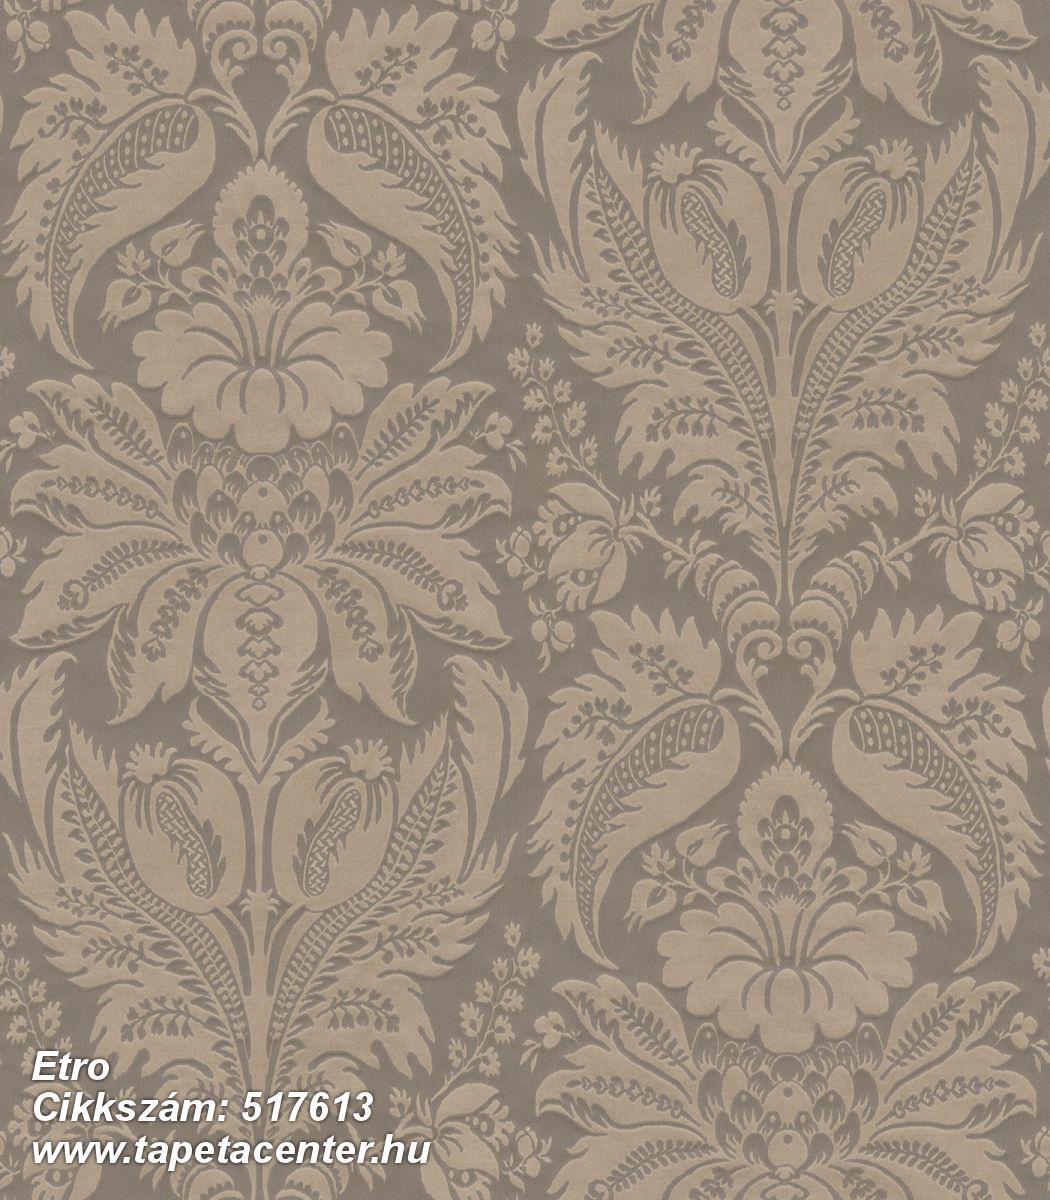 Barokk-klasszikus,különleges felületű,metál-fényes,textil hatású,virágmintás,barna,bézs-drapp,lemosható,Vlies tapéta